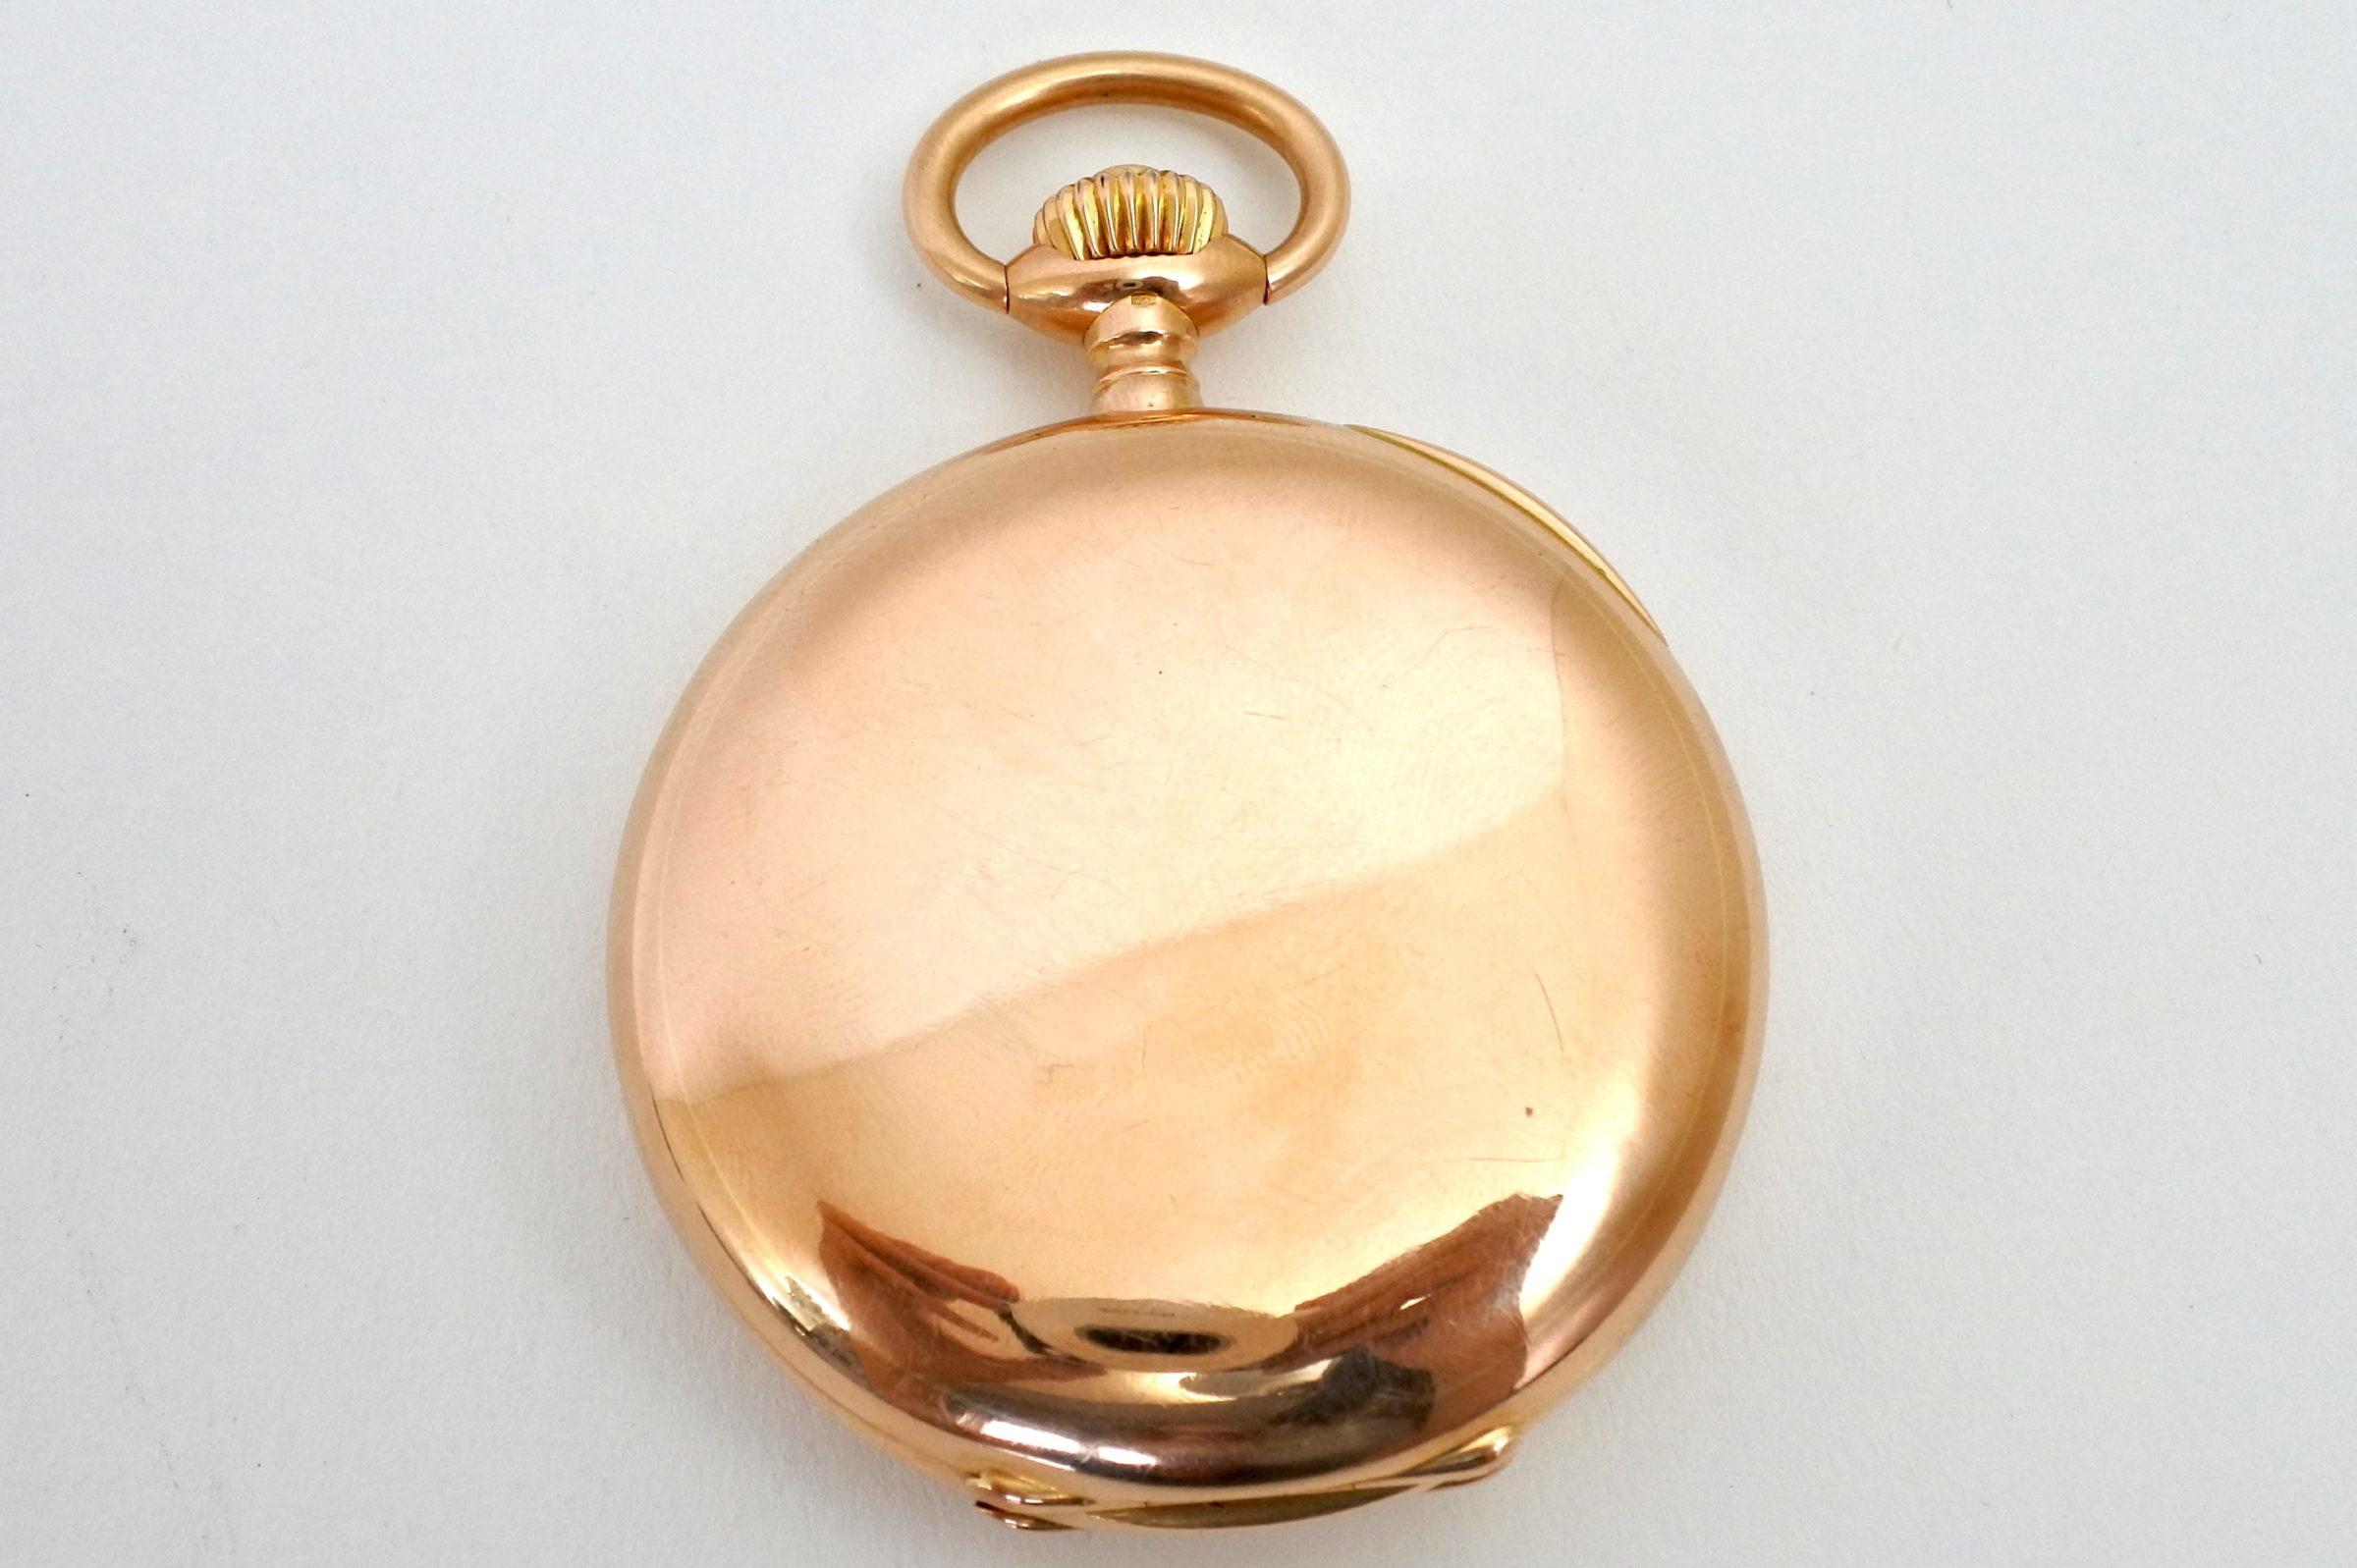 Orologio da tasca occhio di bue in oro - Vacheron & Constantin Genève - 10